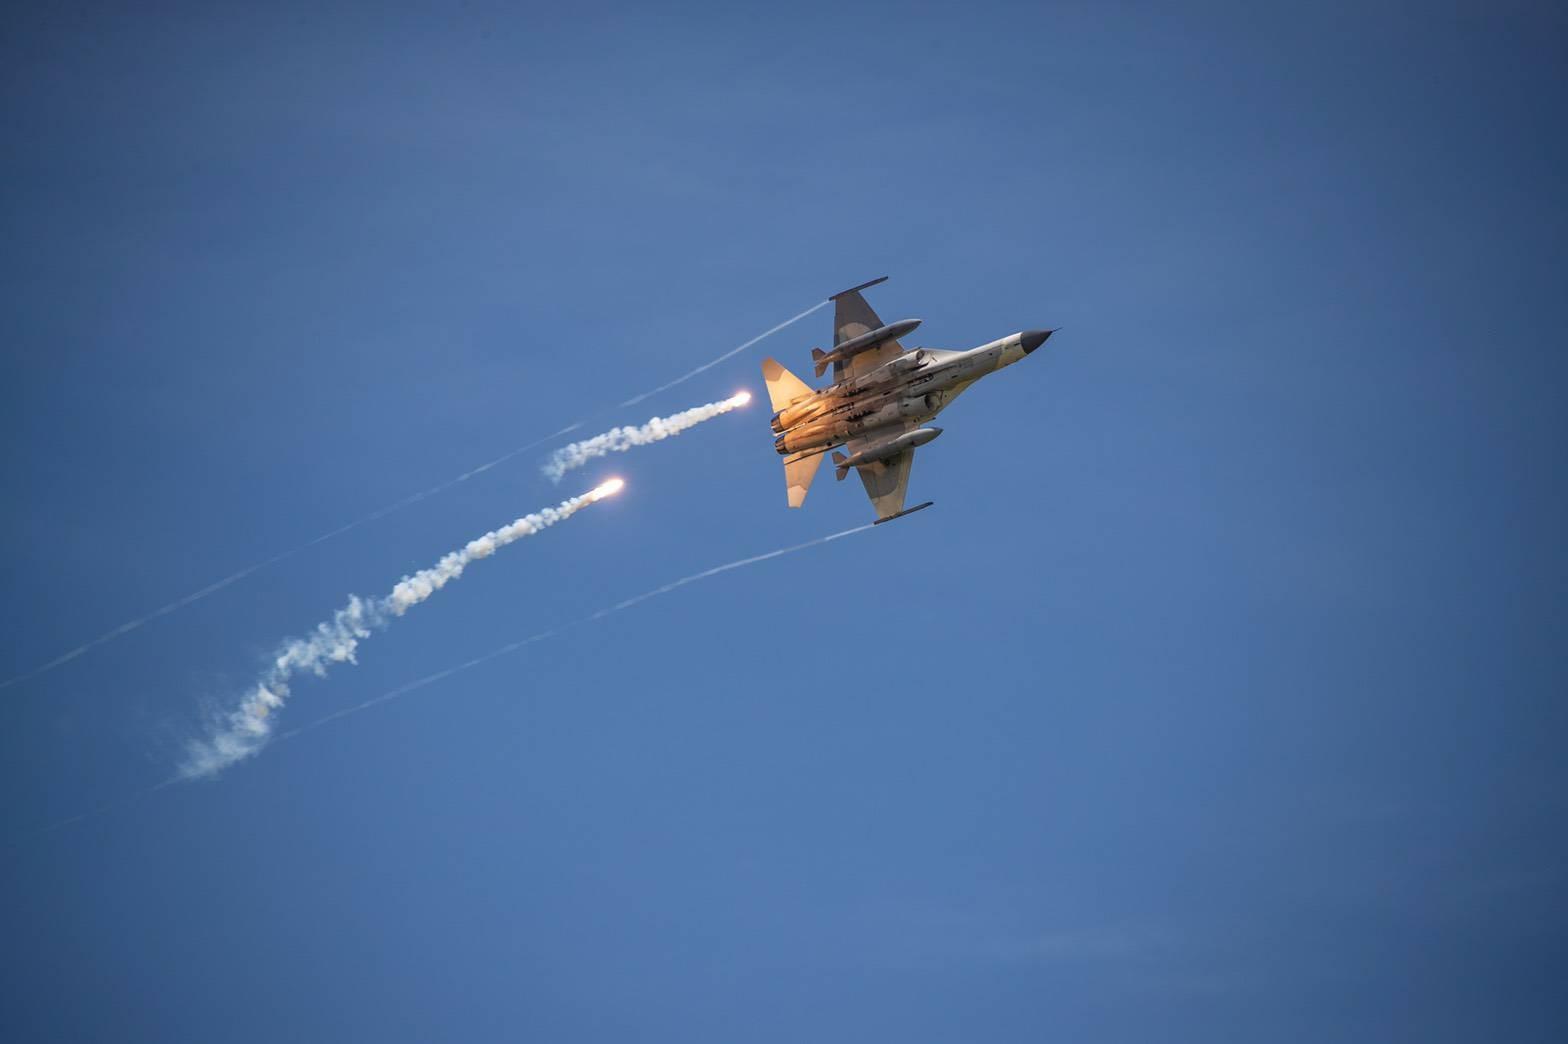 勇鷹,高教機,IDF,漢翔,F-5E,中科院,奔劍計畫,萬劍飛彈